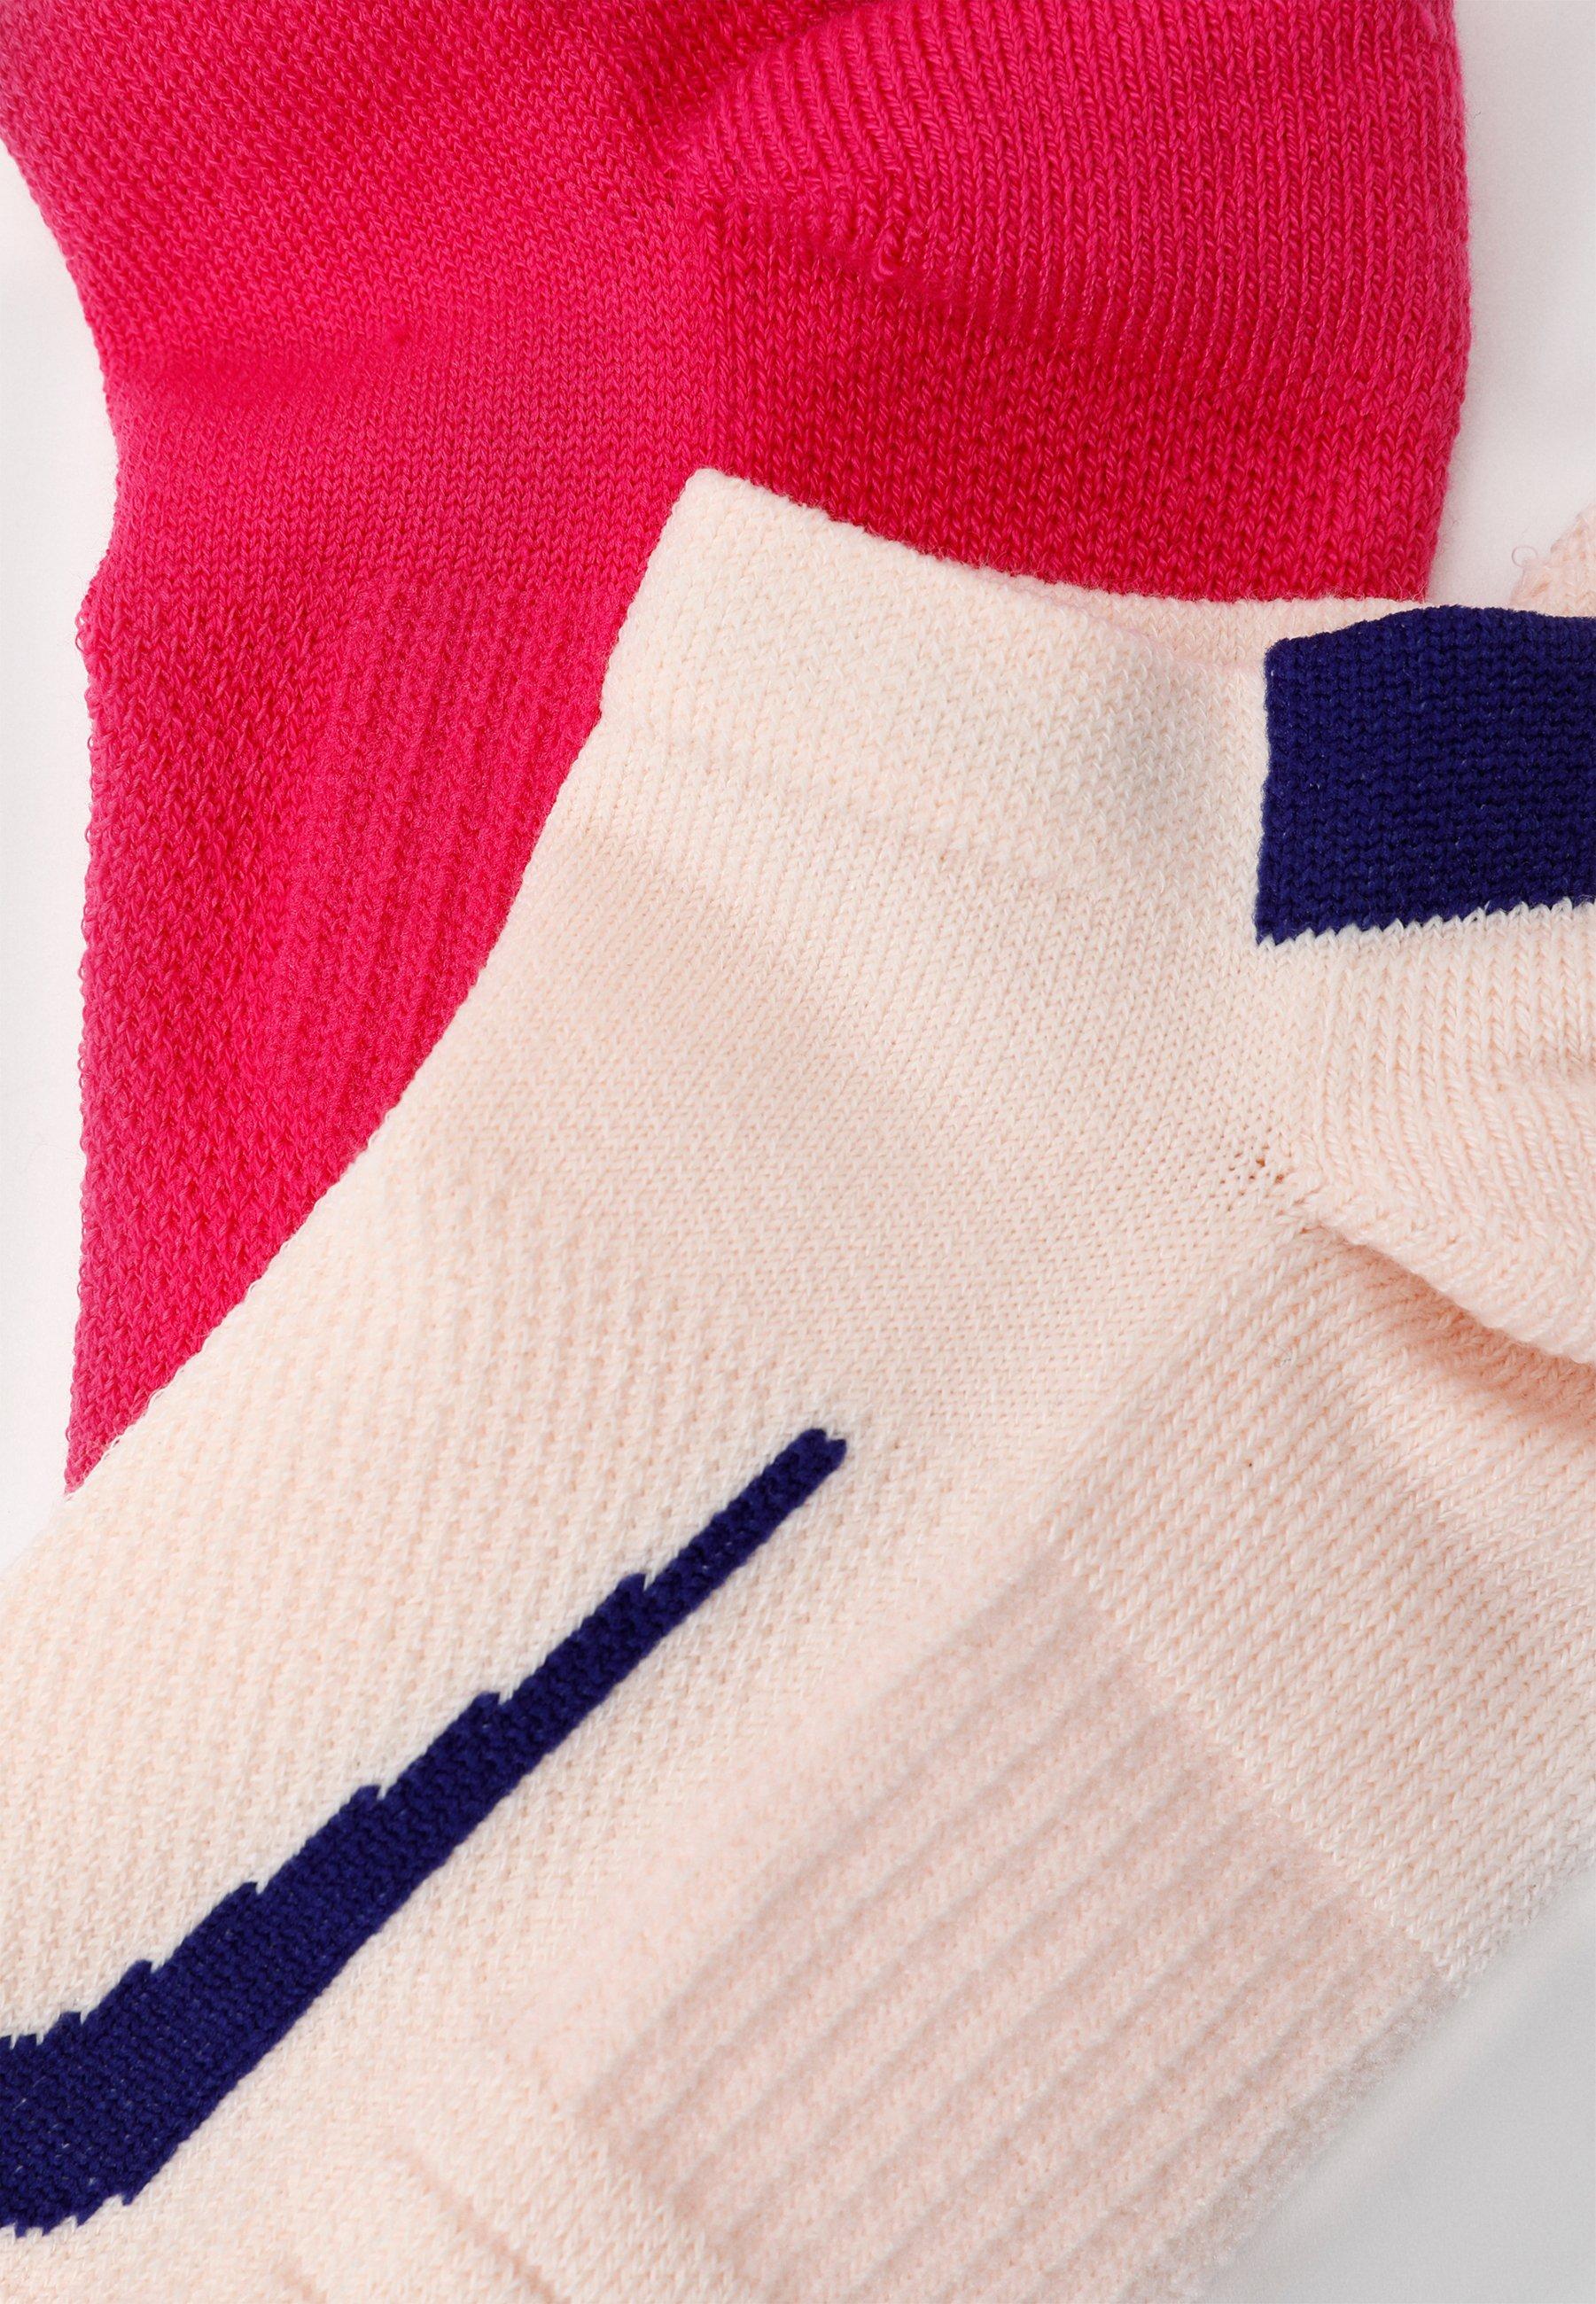 Nike Performance Multiplier Max 2 Pack - Sportssokker Pink/off White